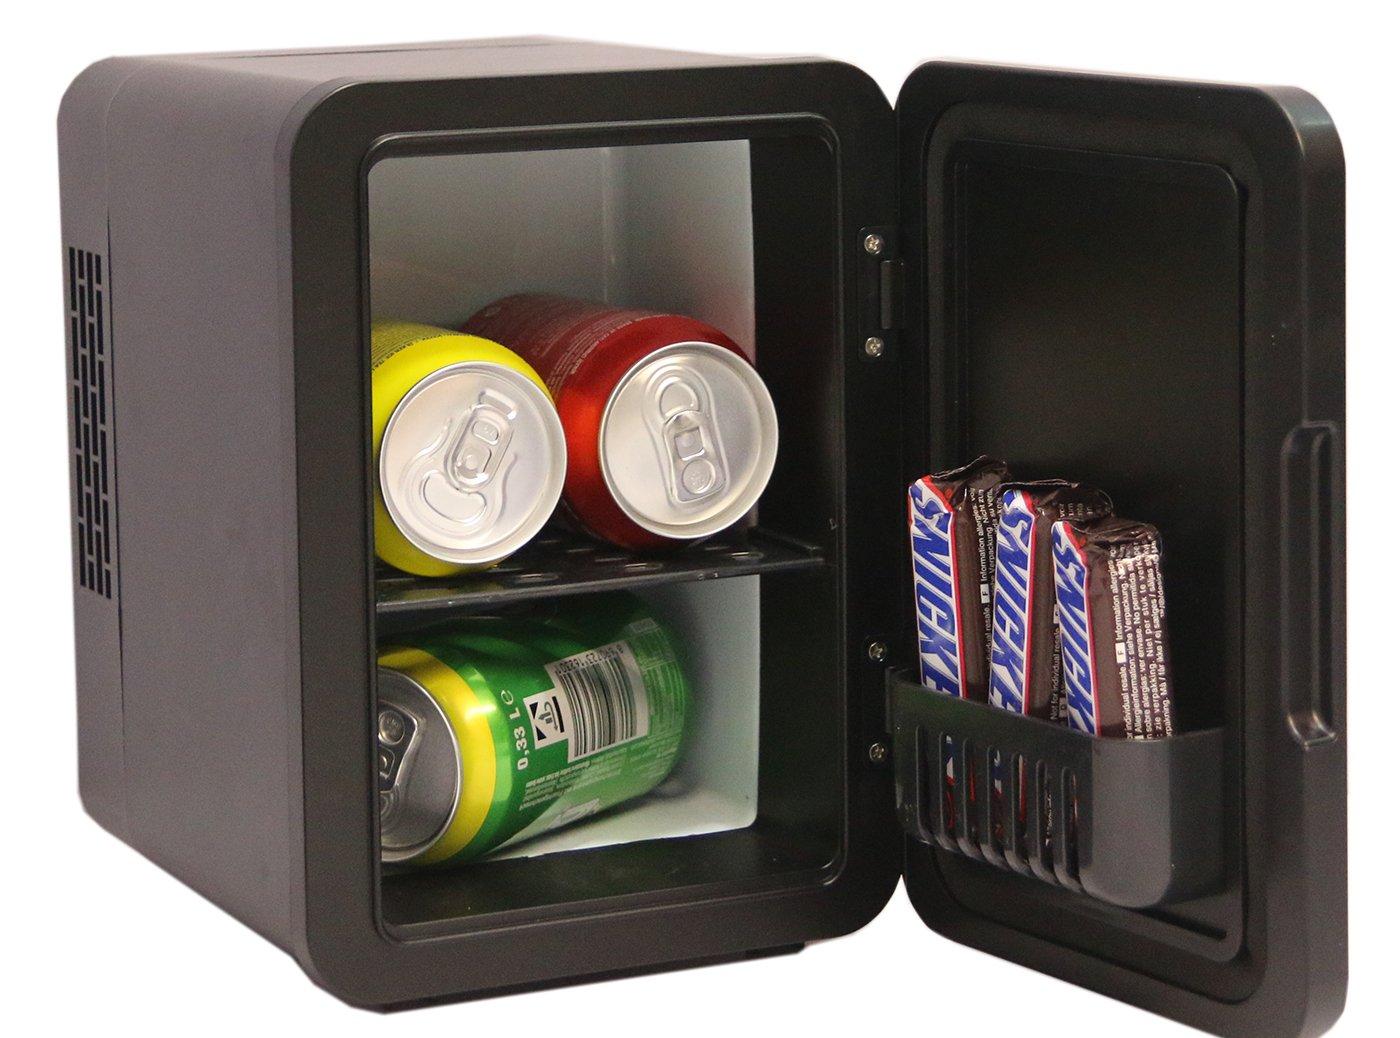 Dms Mini Kühlschrank : Dms® mini kühlschrank minibar kühlbox thermobox kühltruhe 12 230v